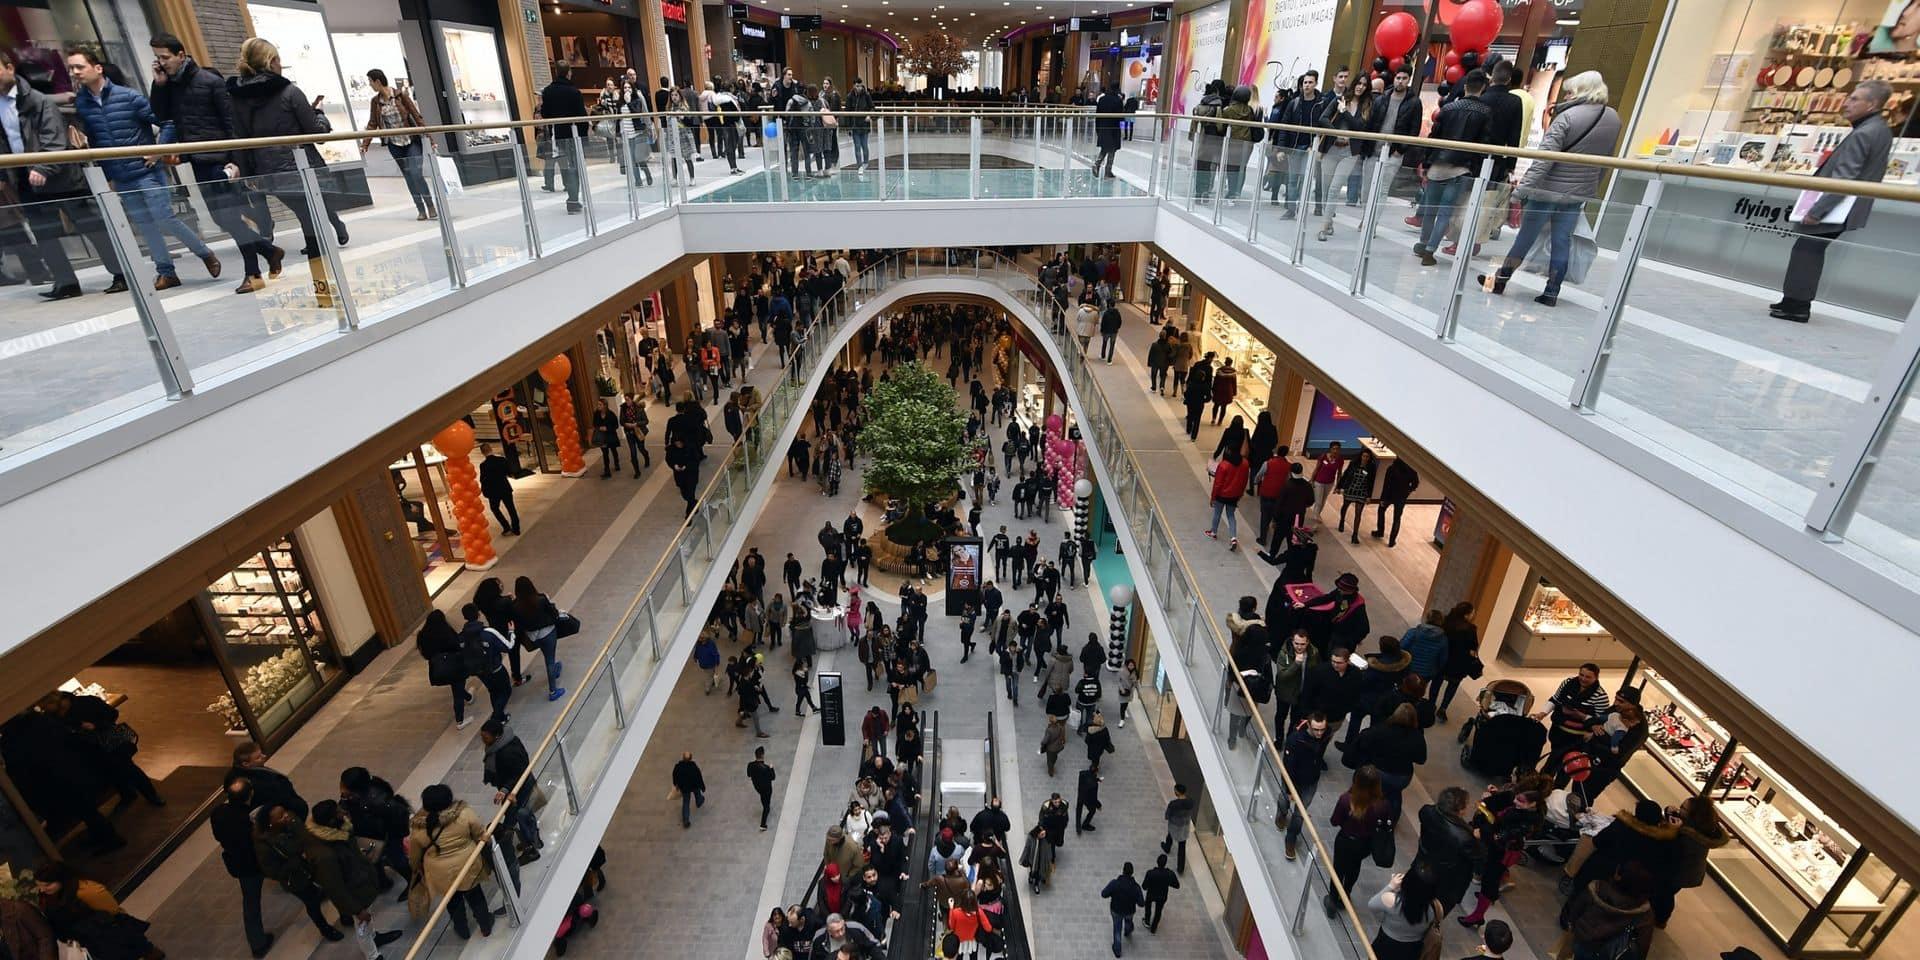 Le succès des centres commerciaux ne dépend plus de la mode